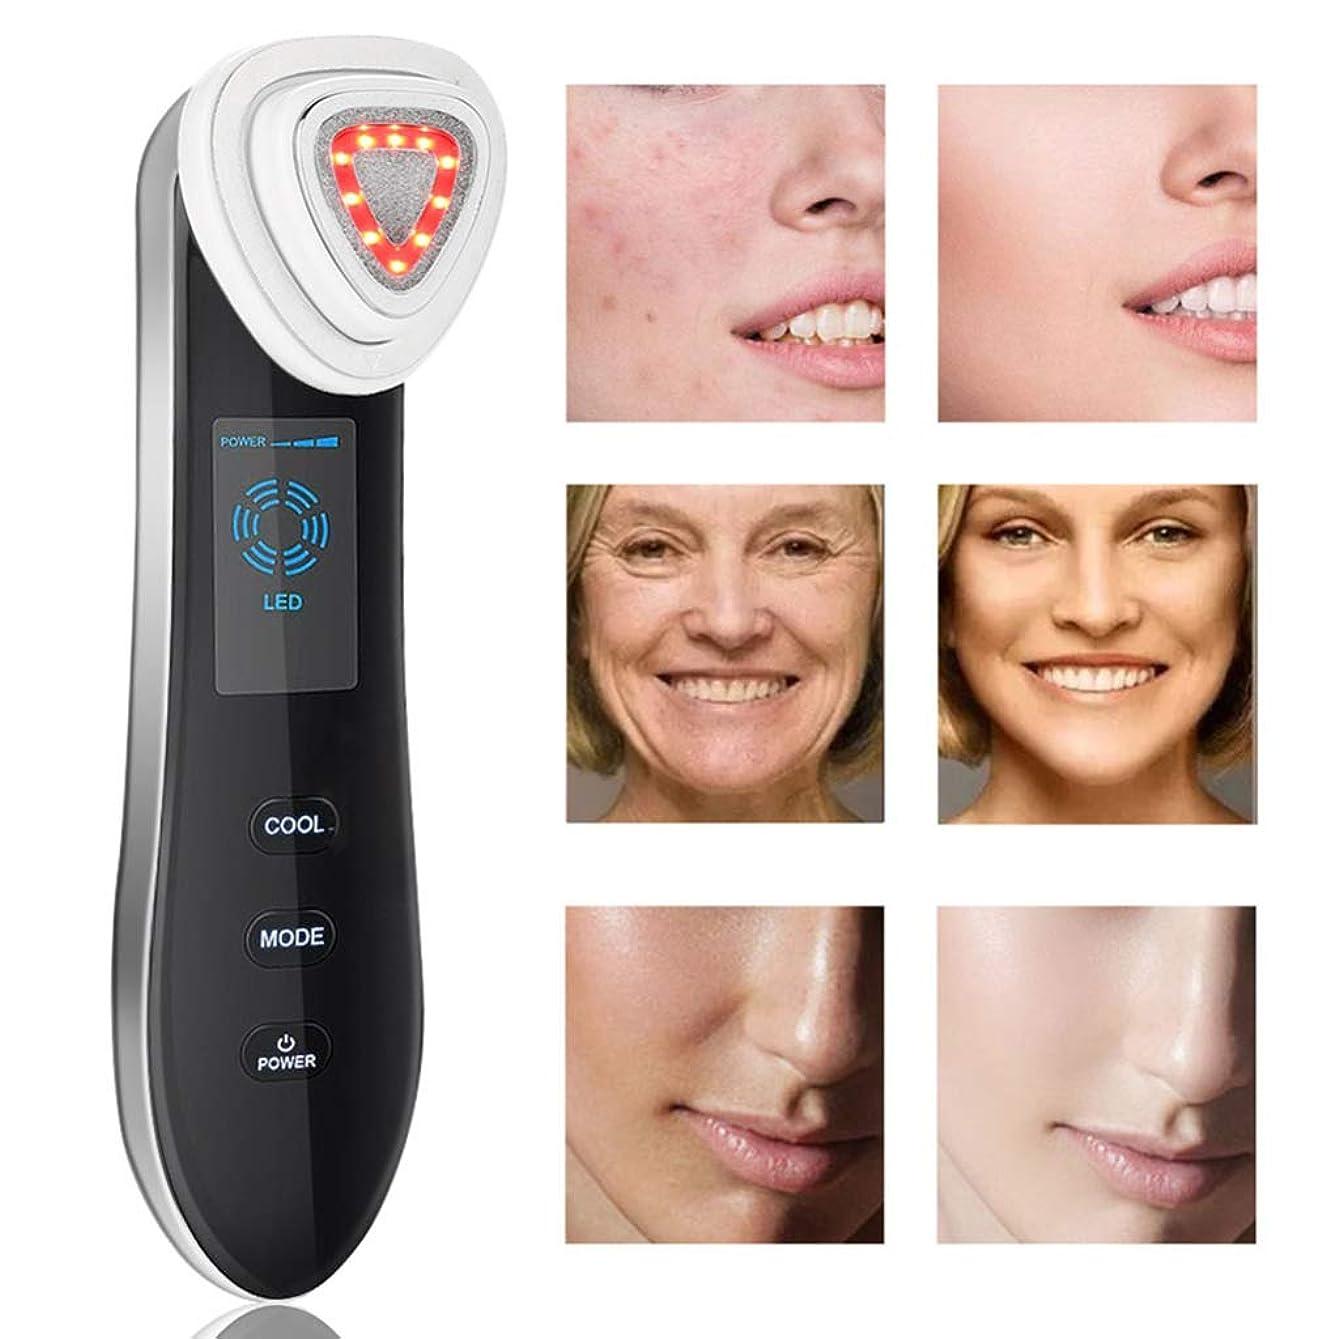 最小化する相互仕事に行く顔の解毒孔をホワイトニングRF美容機器多機能ホット&コールド導入と輸出顔の色の光の皮膚